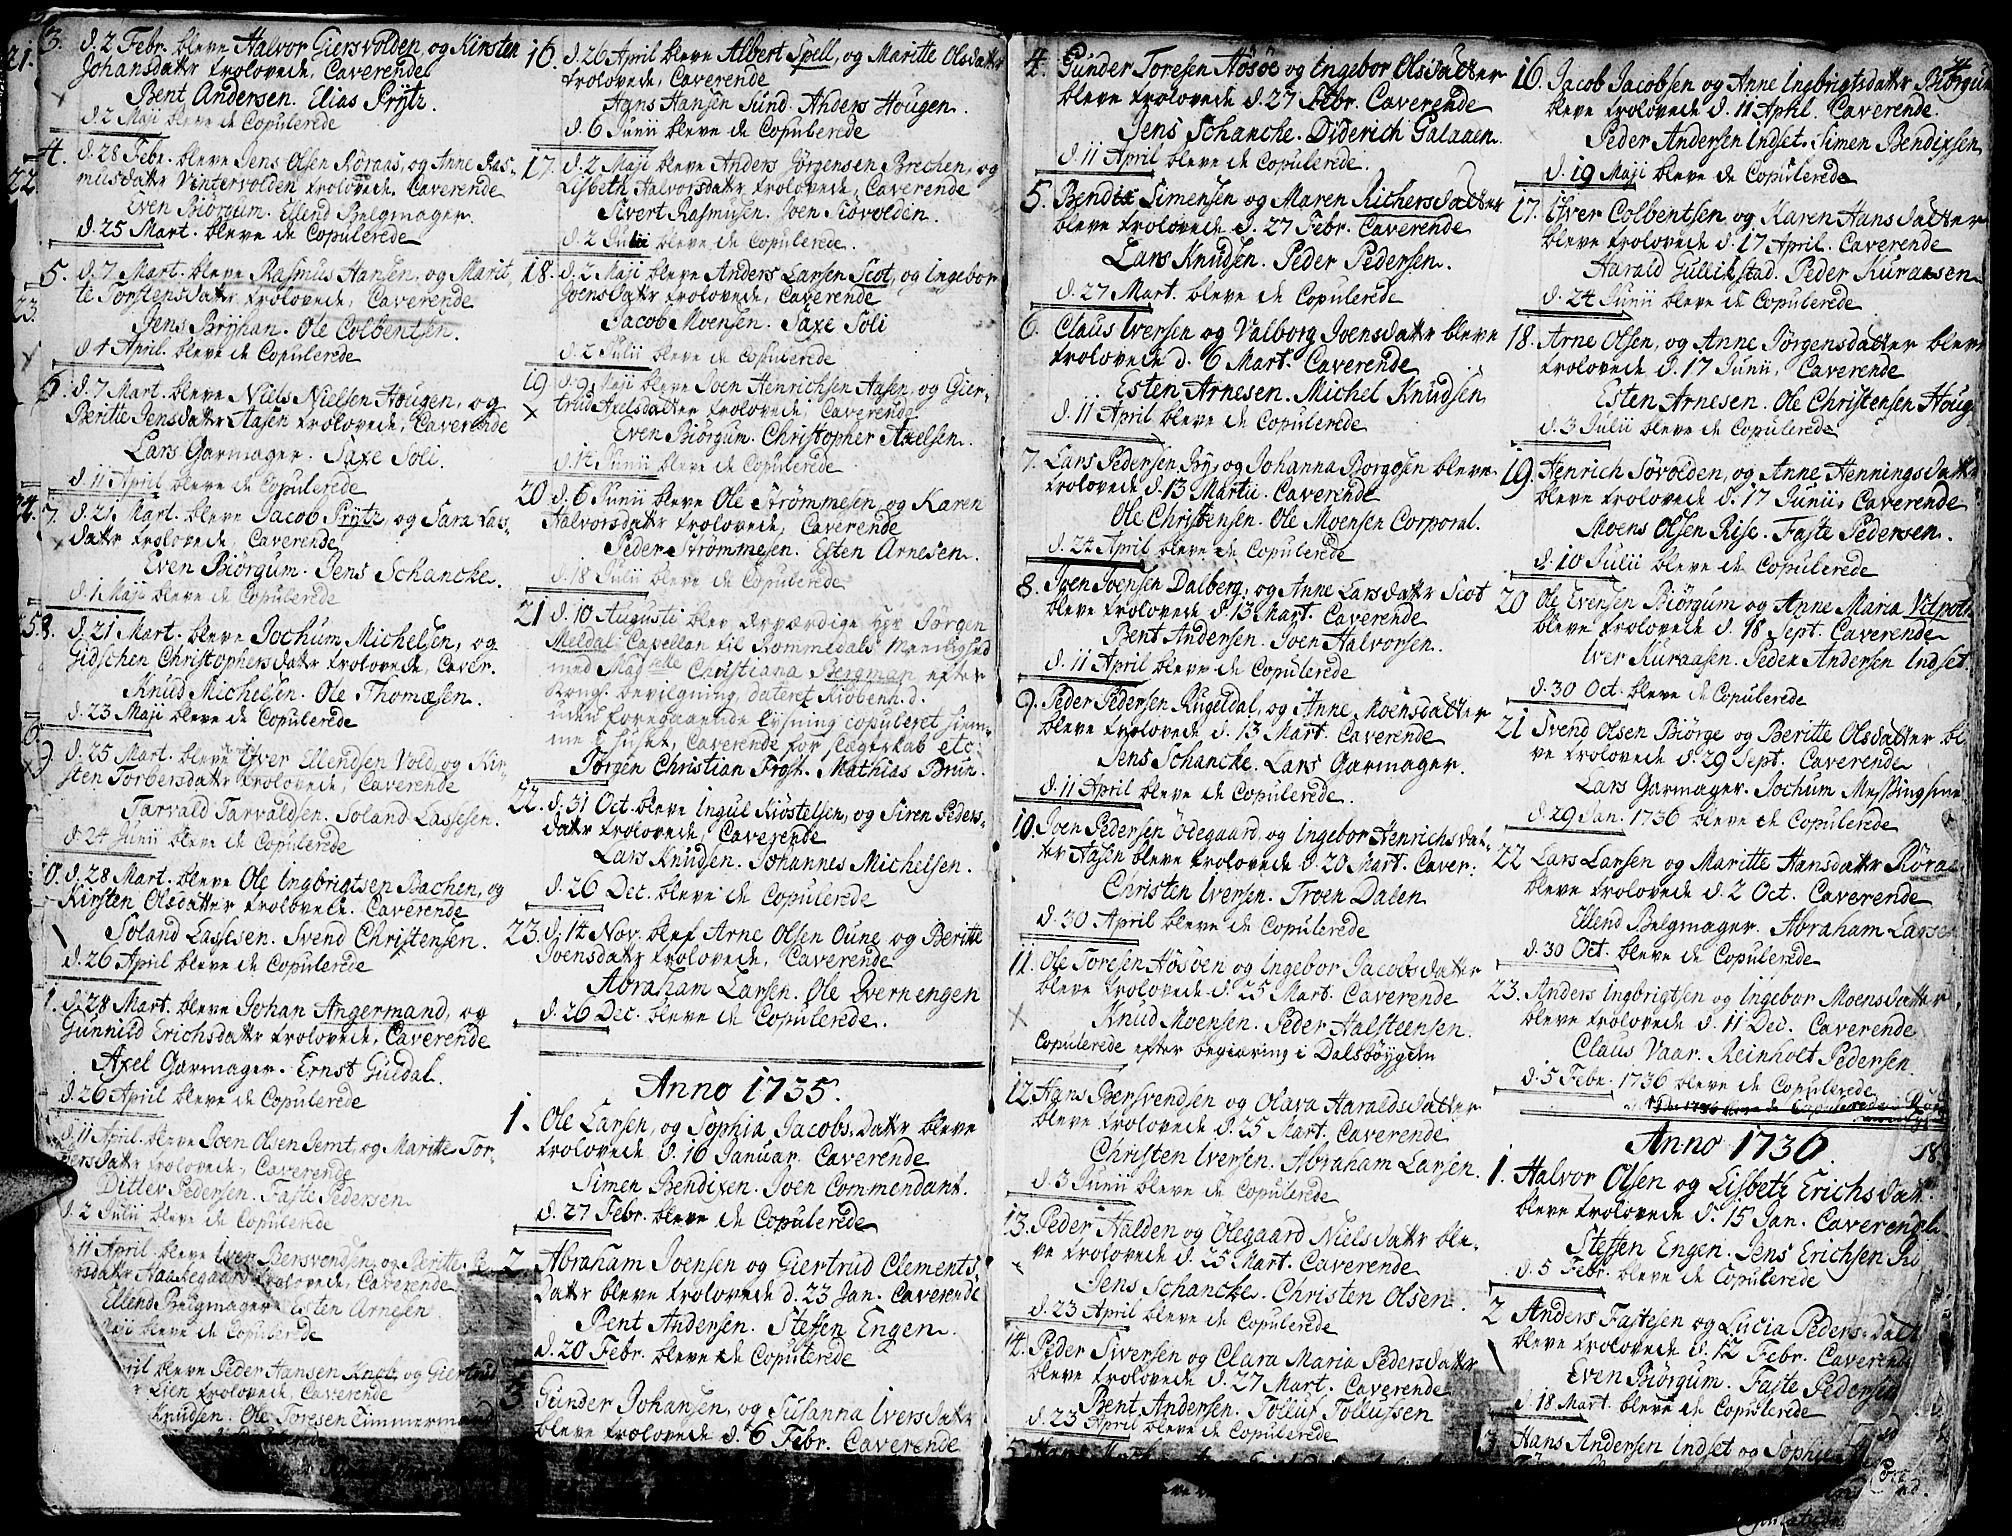 SAT, Ministerialprotokoller, klokkerbøker og fødselsregistre - Sør-Trøndelag, 681/L0925: Ministerialbok nr. 681A03, 1727-1766, s. 4